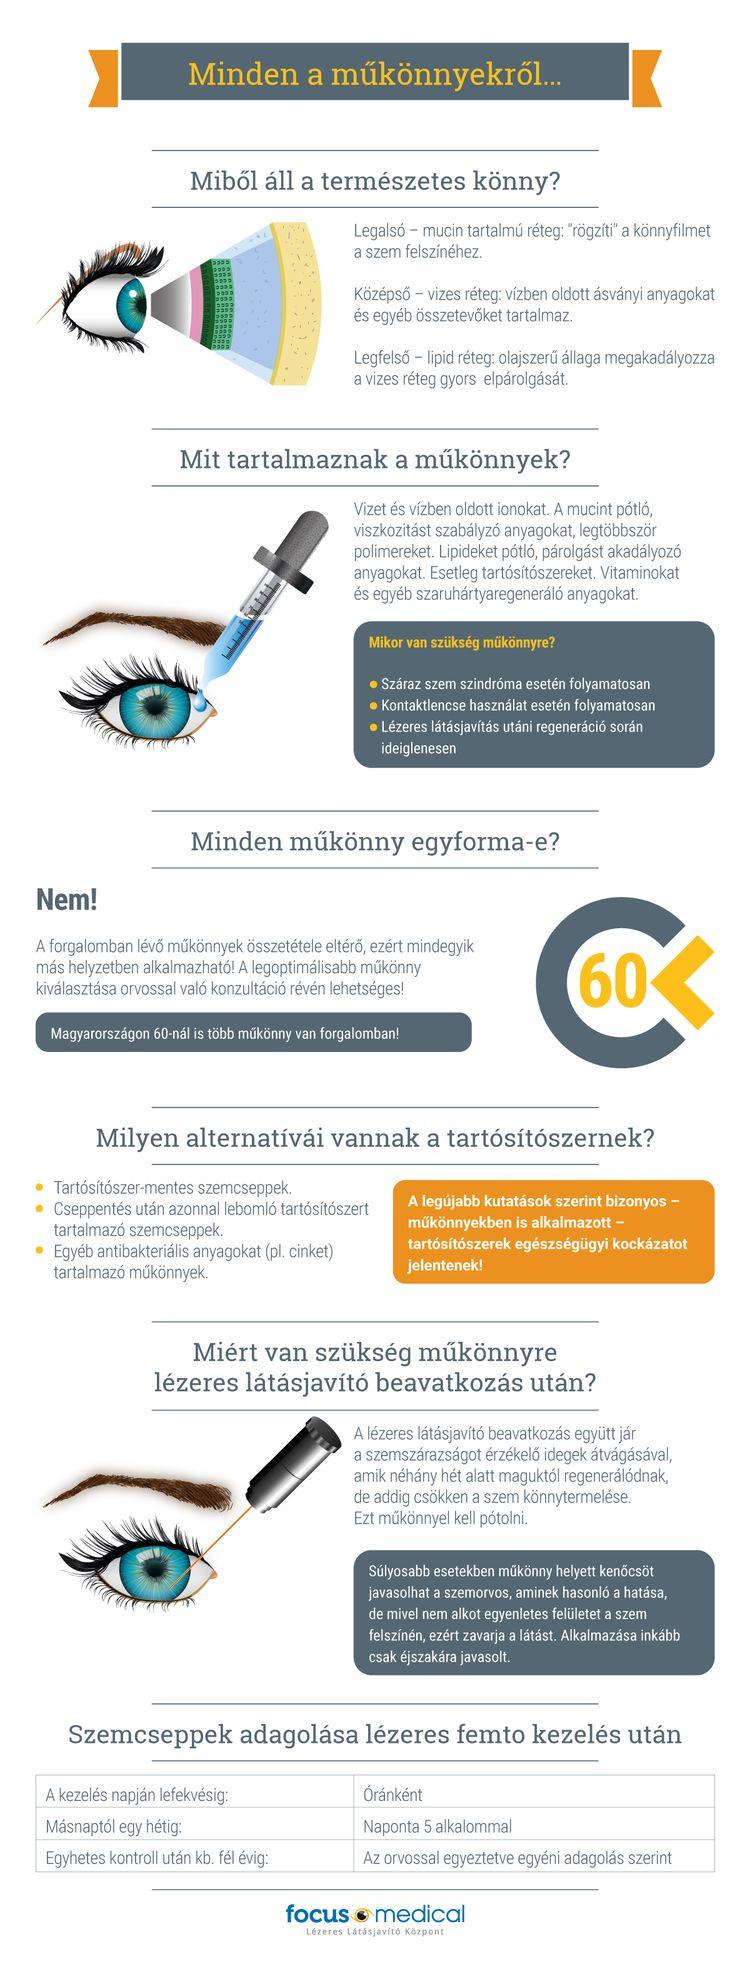 videó látásjavítás szem látása egy személy hogyan lehet javítani